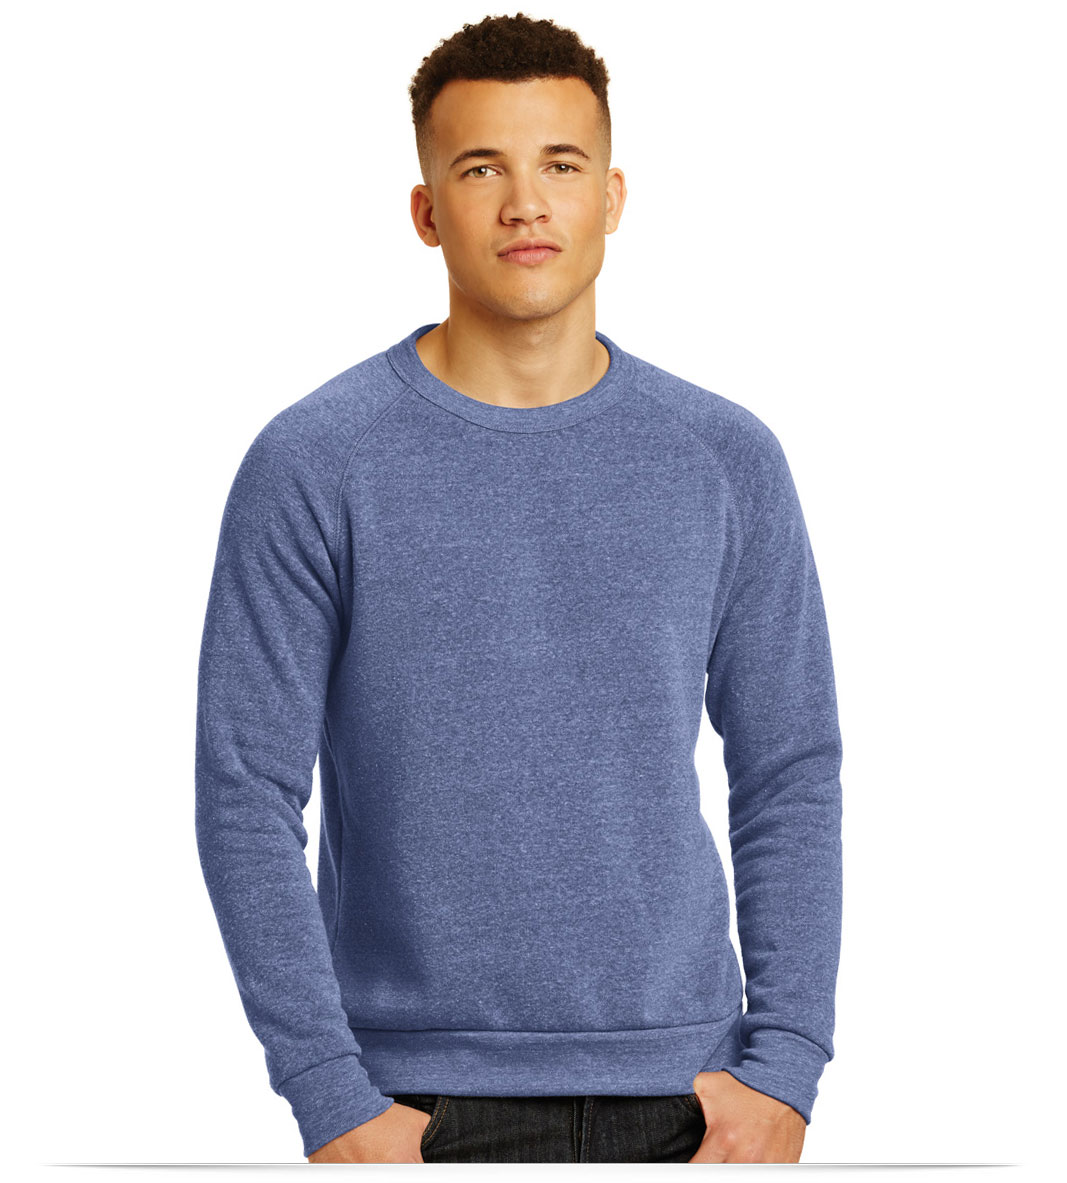 Custom Logo on Alternative Champ Eco-Fleece Sweatshirt